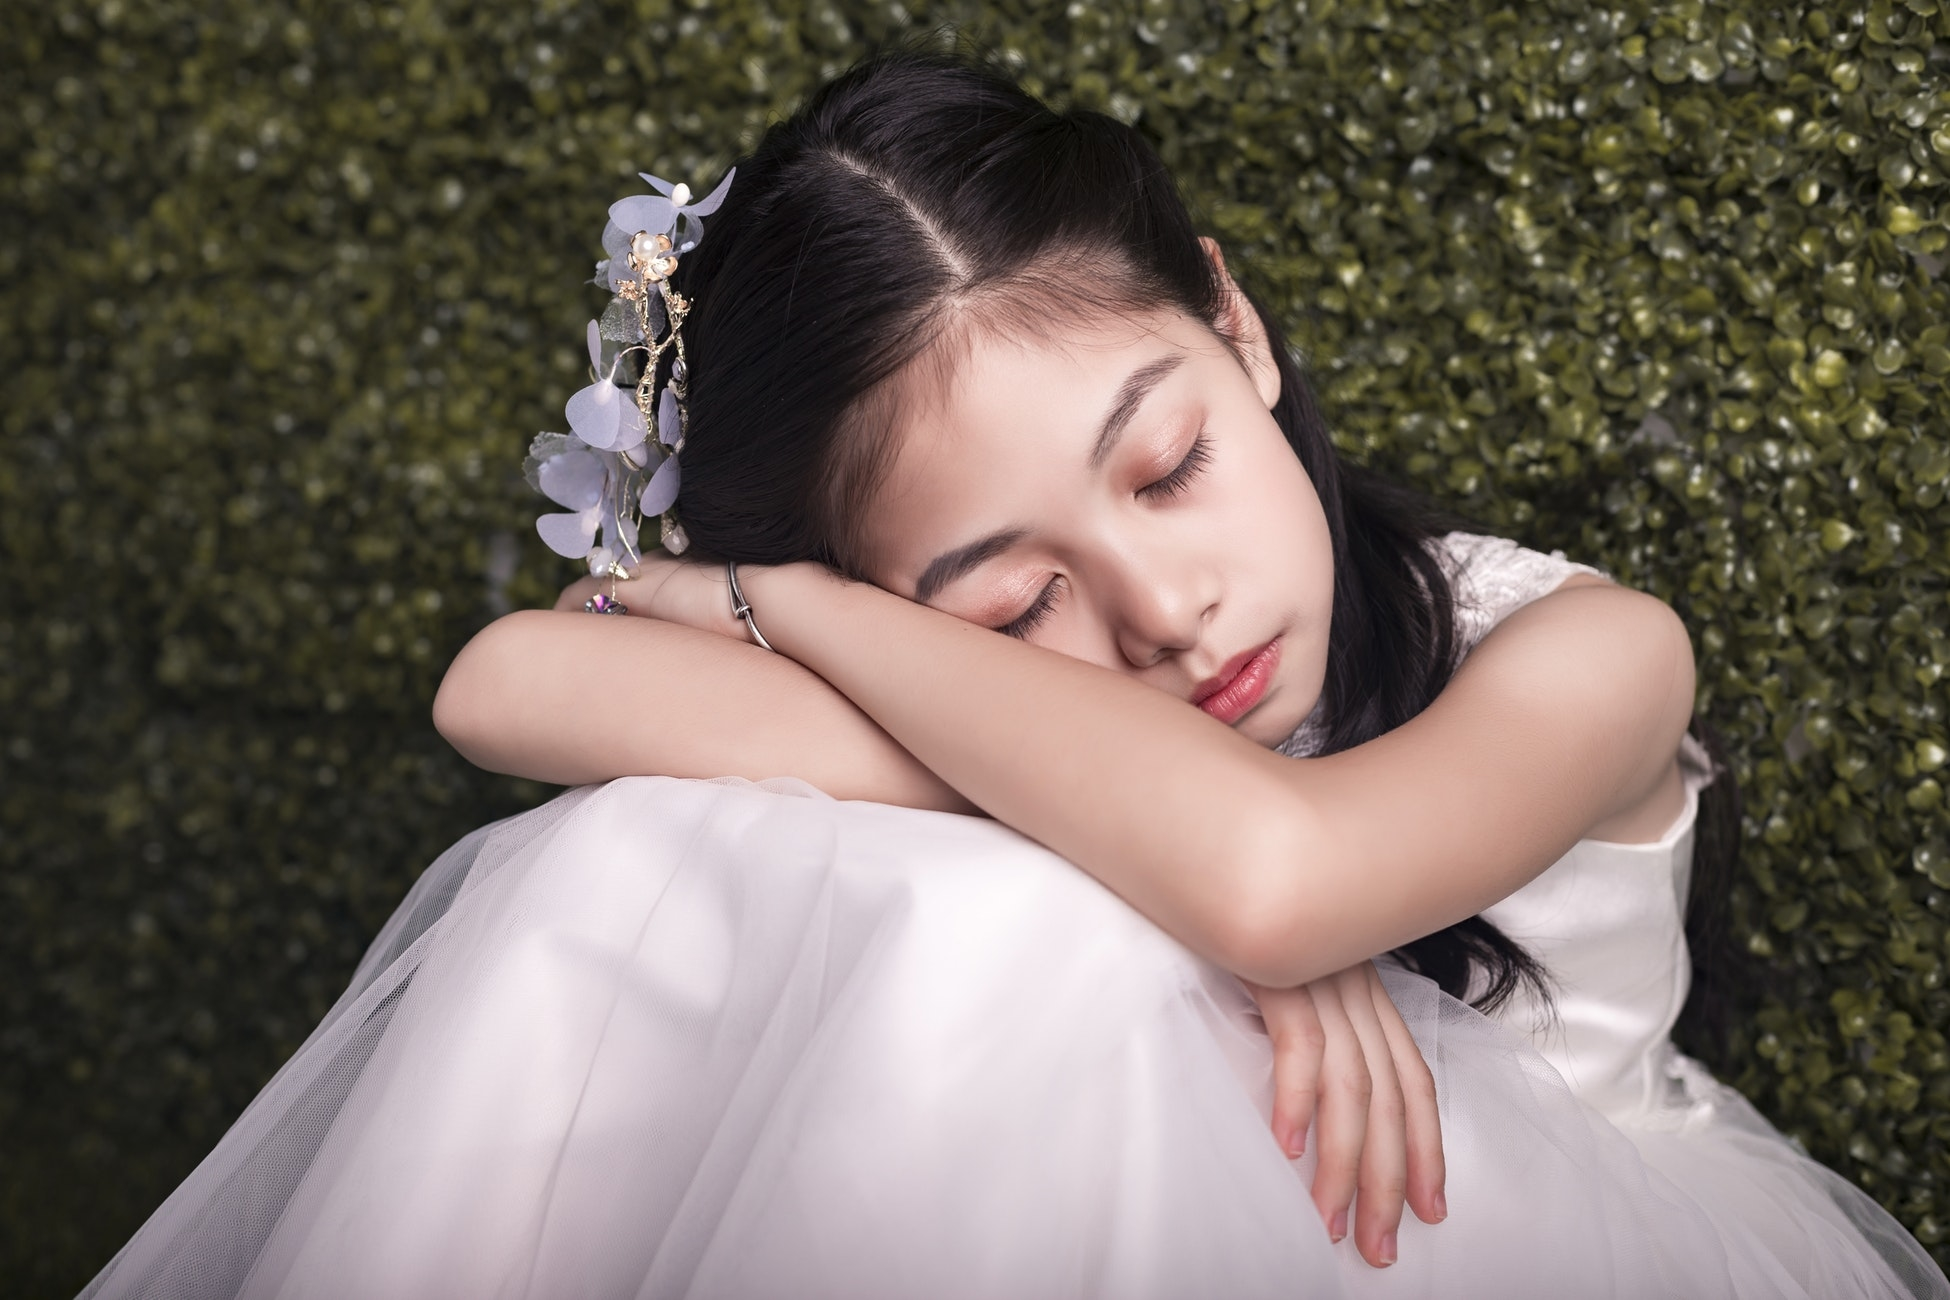 お泊まりデートで気を付けたいこと:寝顔